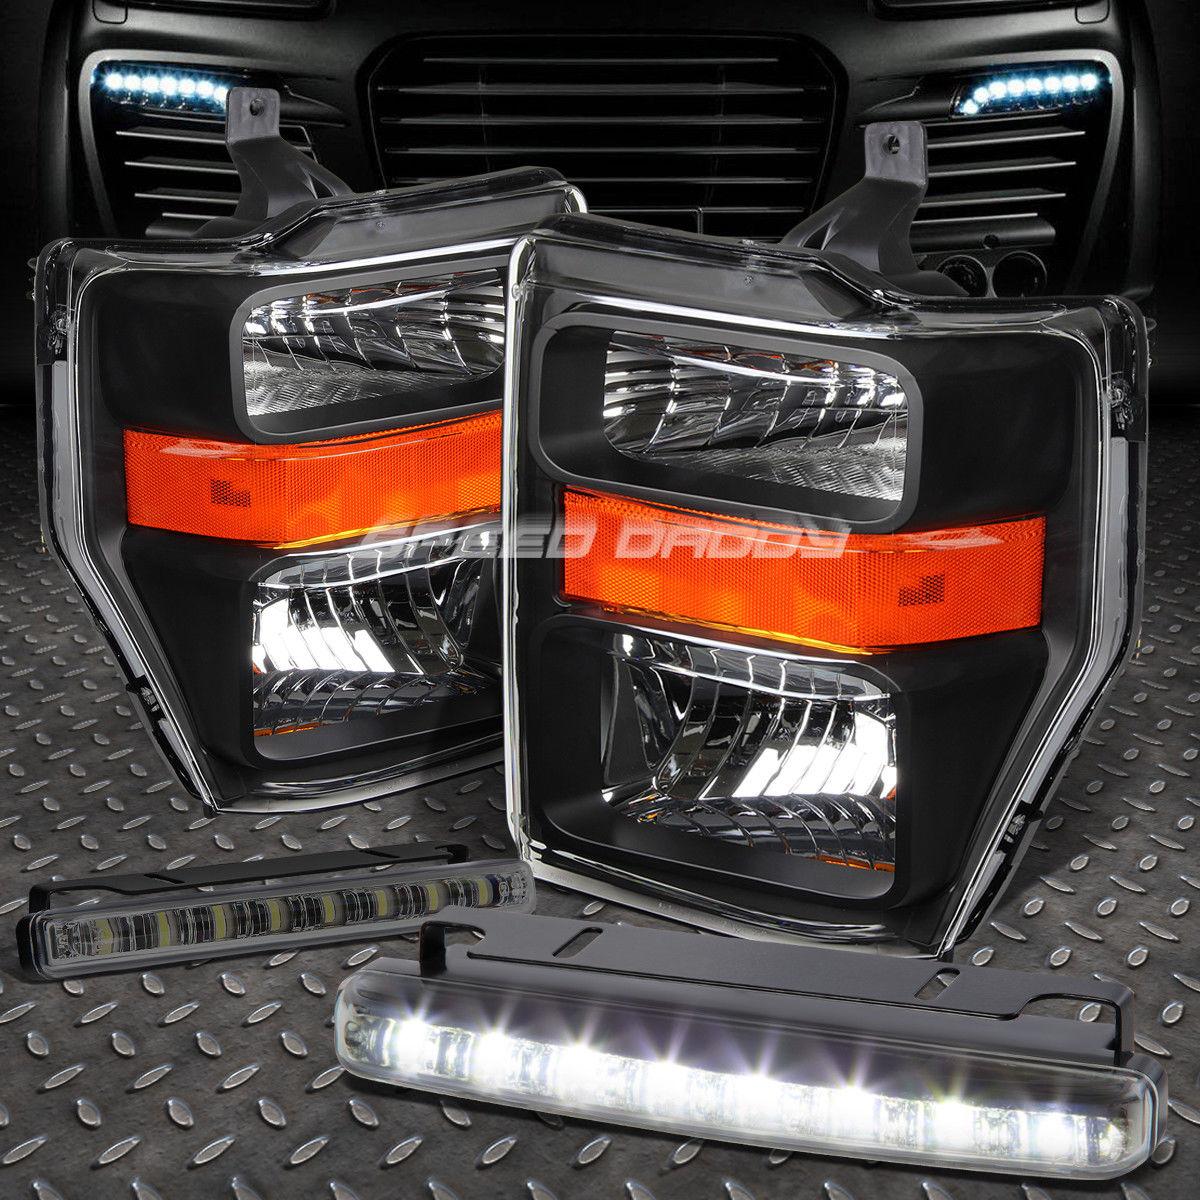 フォグライト BLACK HOUSING HEADLIGHT AMBER CORNER+8 LED SMOKE FOG LIGHT FOR 08-10 SUPERDUTY ブラックハウスヘッドライトアバナーコーナー+ 8-10 SMOKE FOGライト08-10スーパーライト